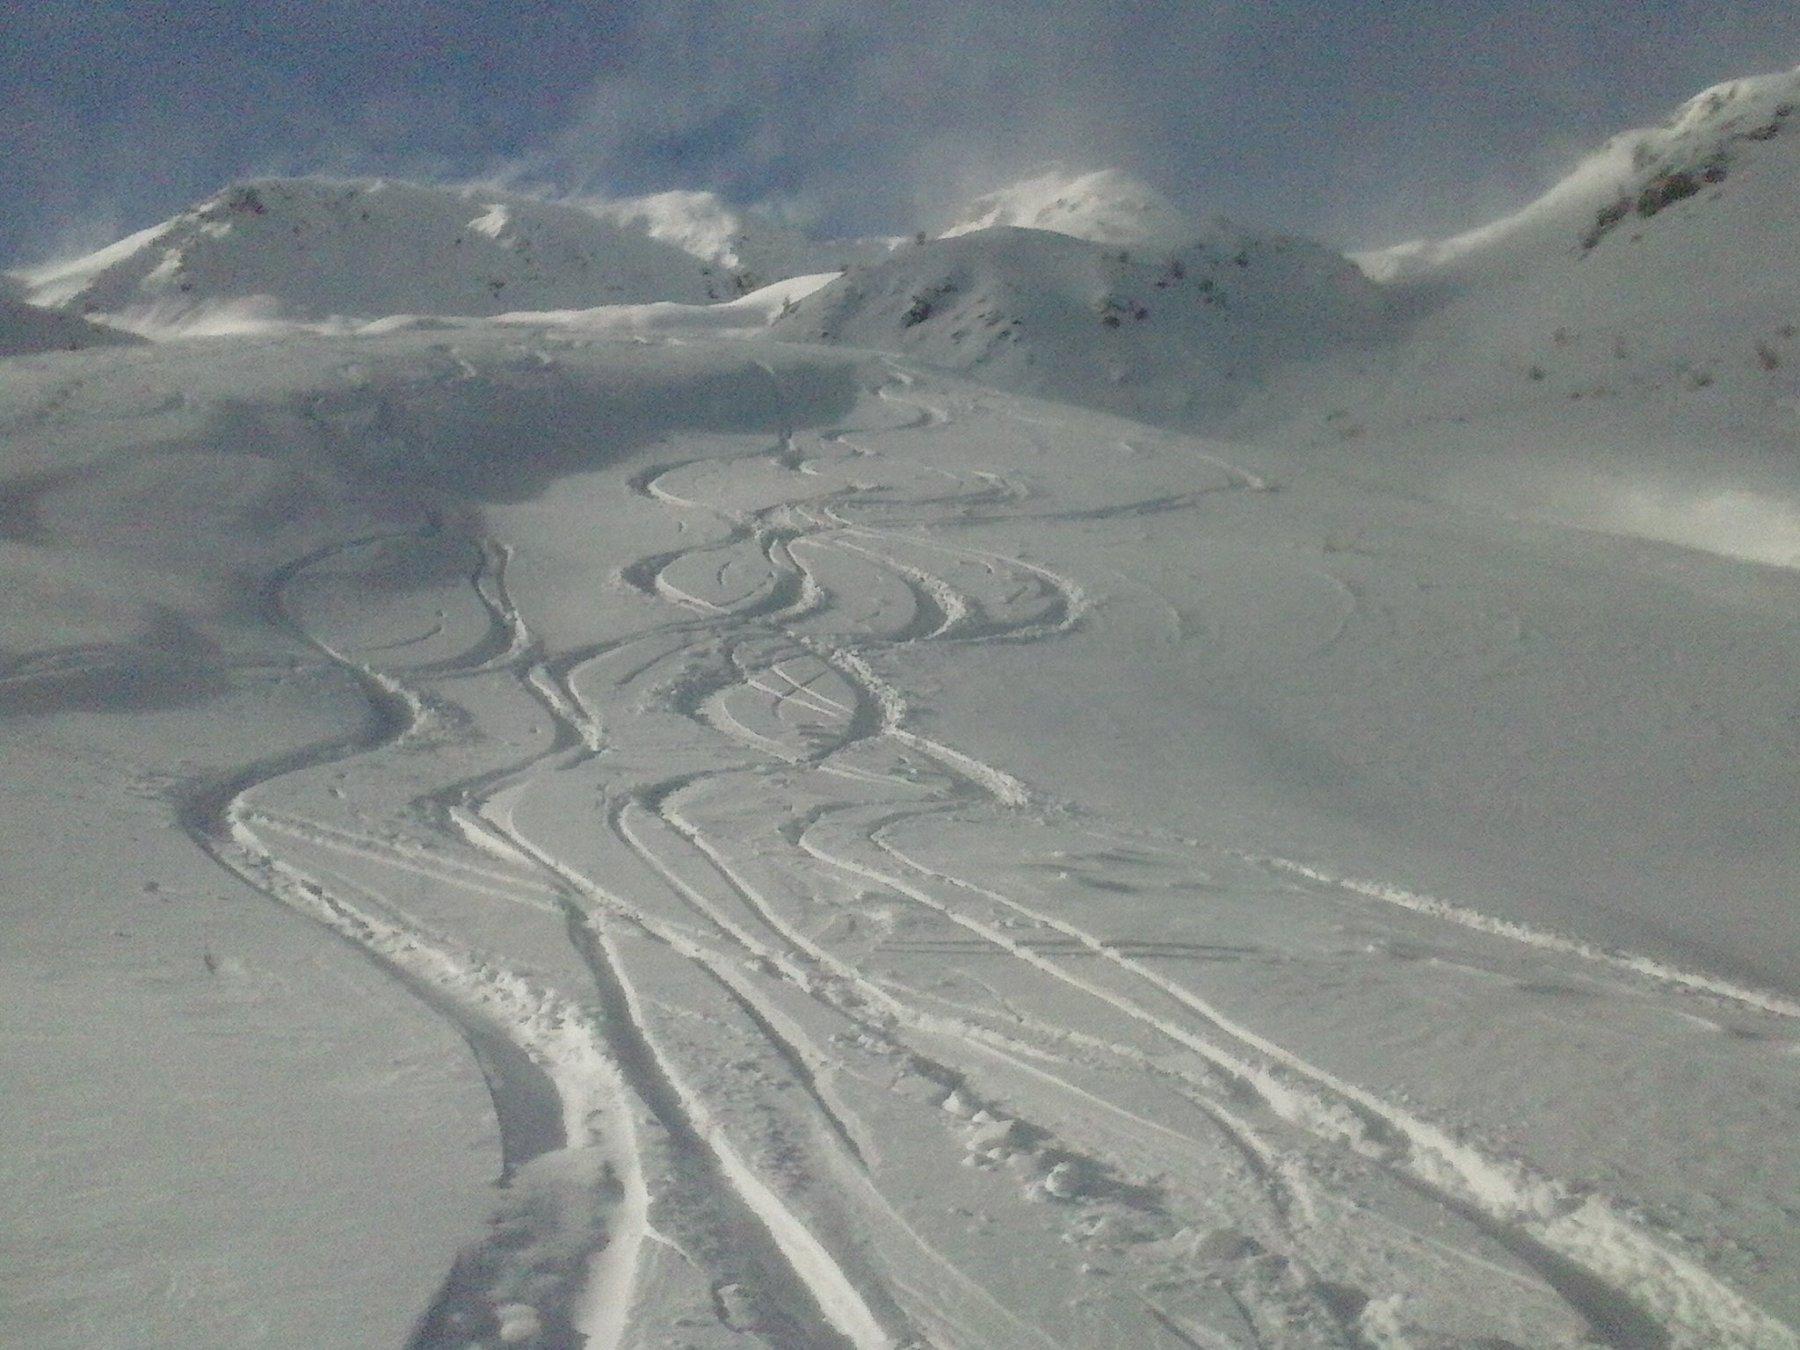 sempre belle curve  su neve fresca con fondo compatto...